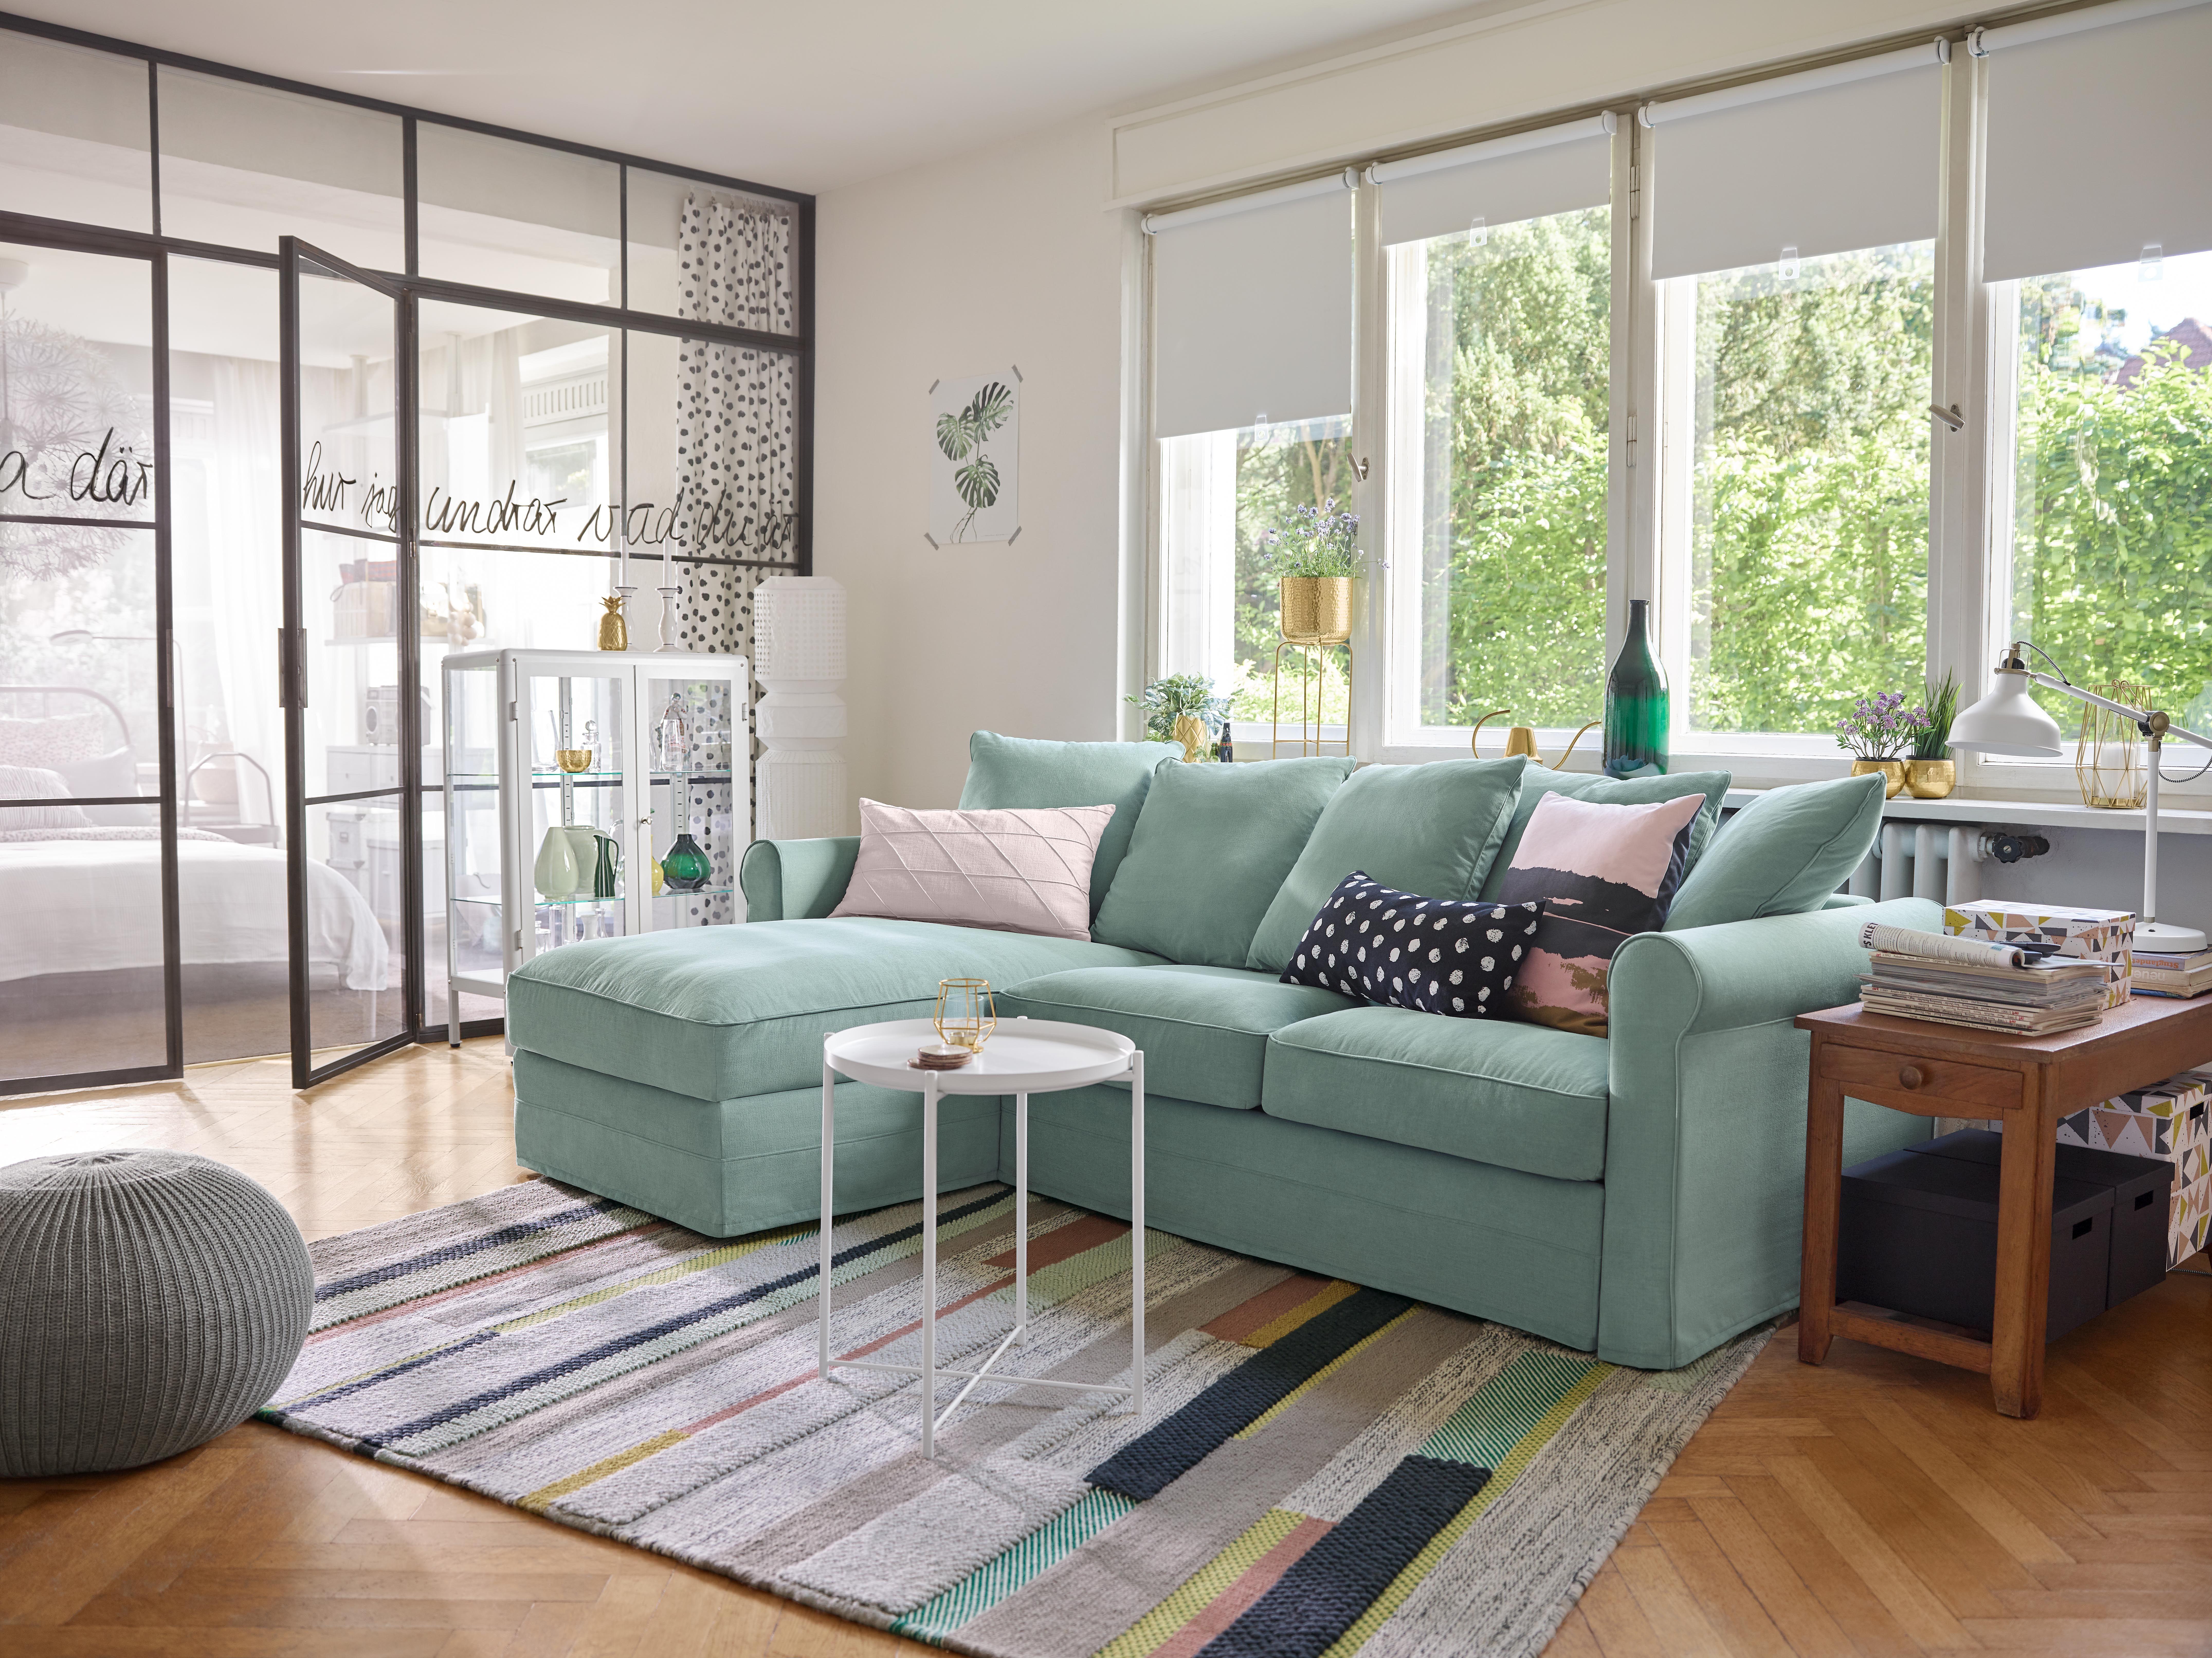 IKEA - GRÖNLID, 3er-Sofa, Ljungen hellgrün, Die Elemente des Polstermöbels lassen sich auf verschiedene Arten zu genau der Form kombinieren, die dir am besten passt. Wenn später ein größeres Sofa benötigt wird, lässt sich immer noch ein Element hinzufügen. Oder zwei. Mit 5 Rückenkissen.